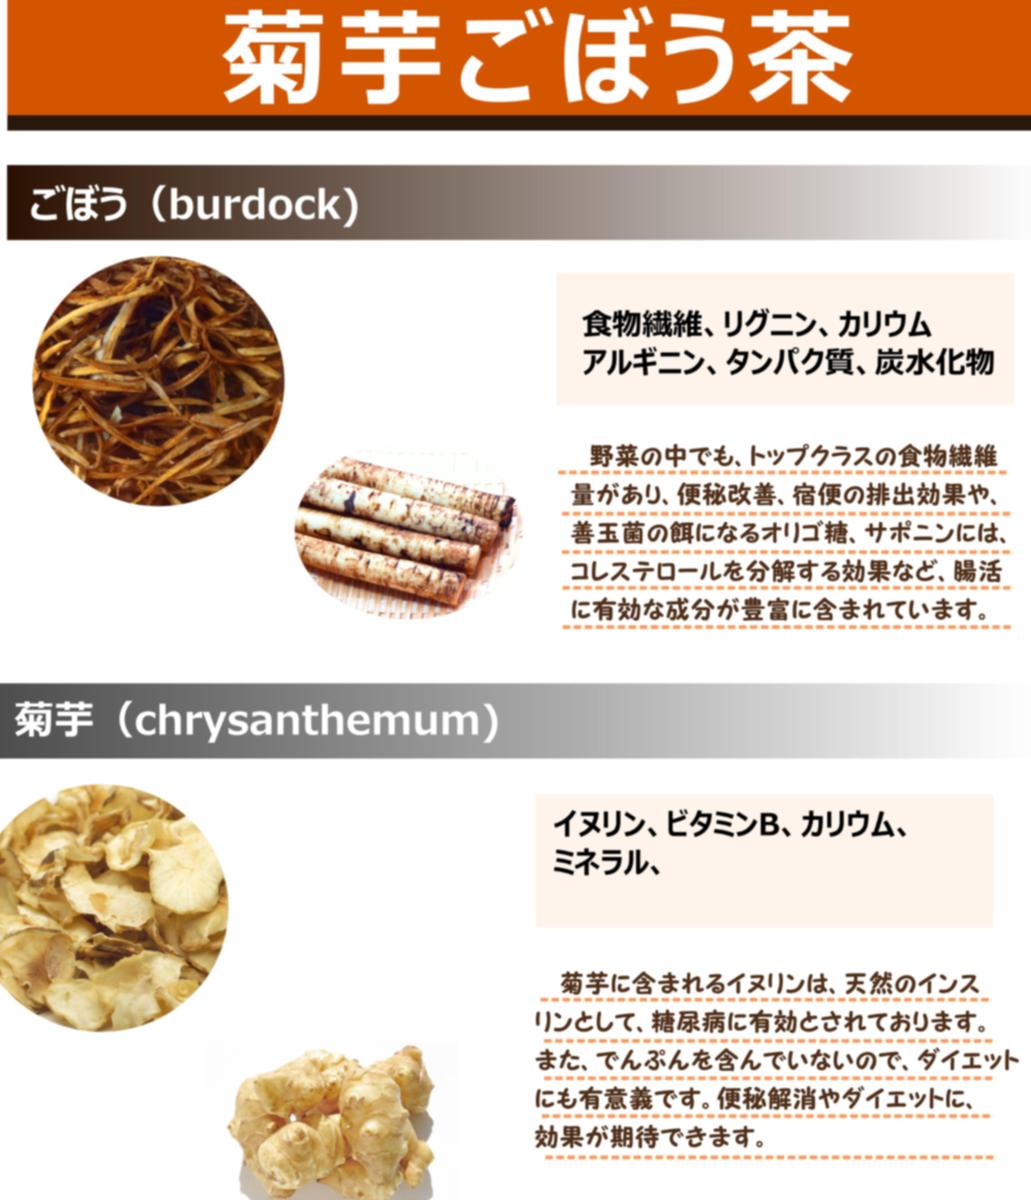 f:id:drymon-kanmiya:20210109003516j:plain